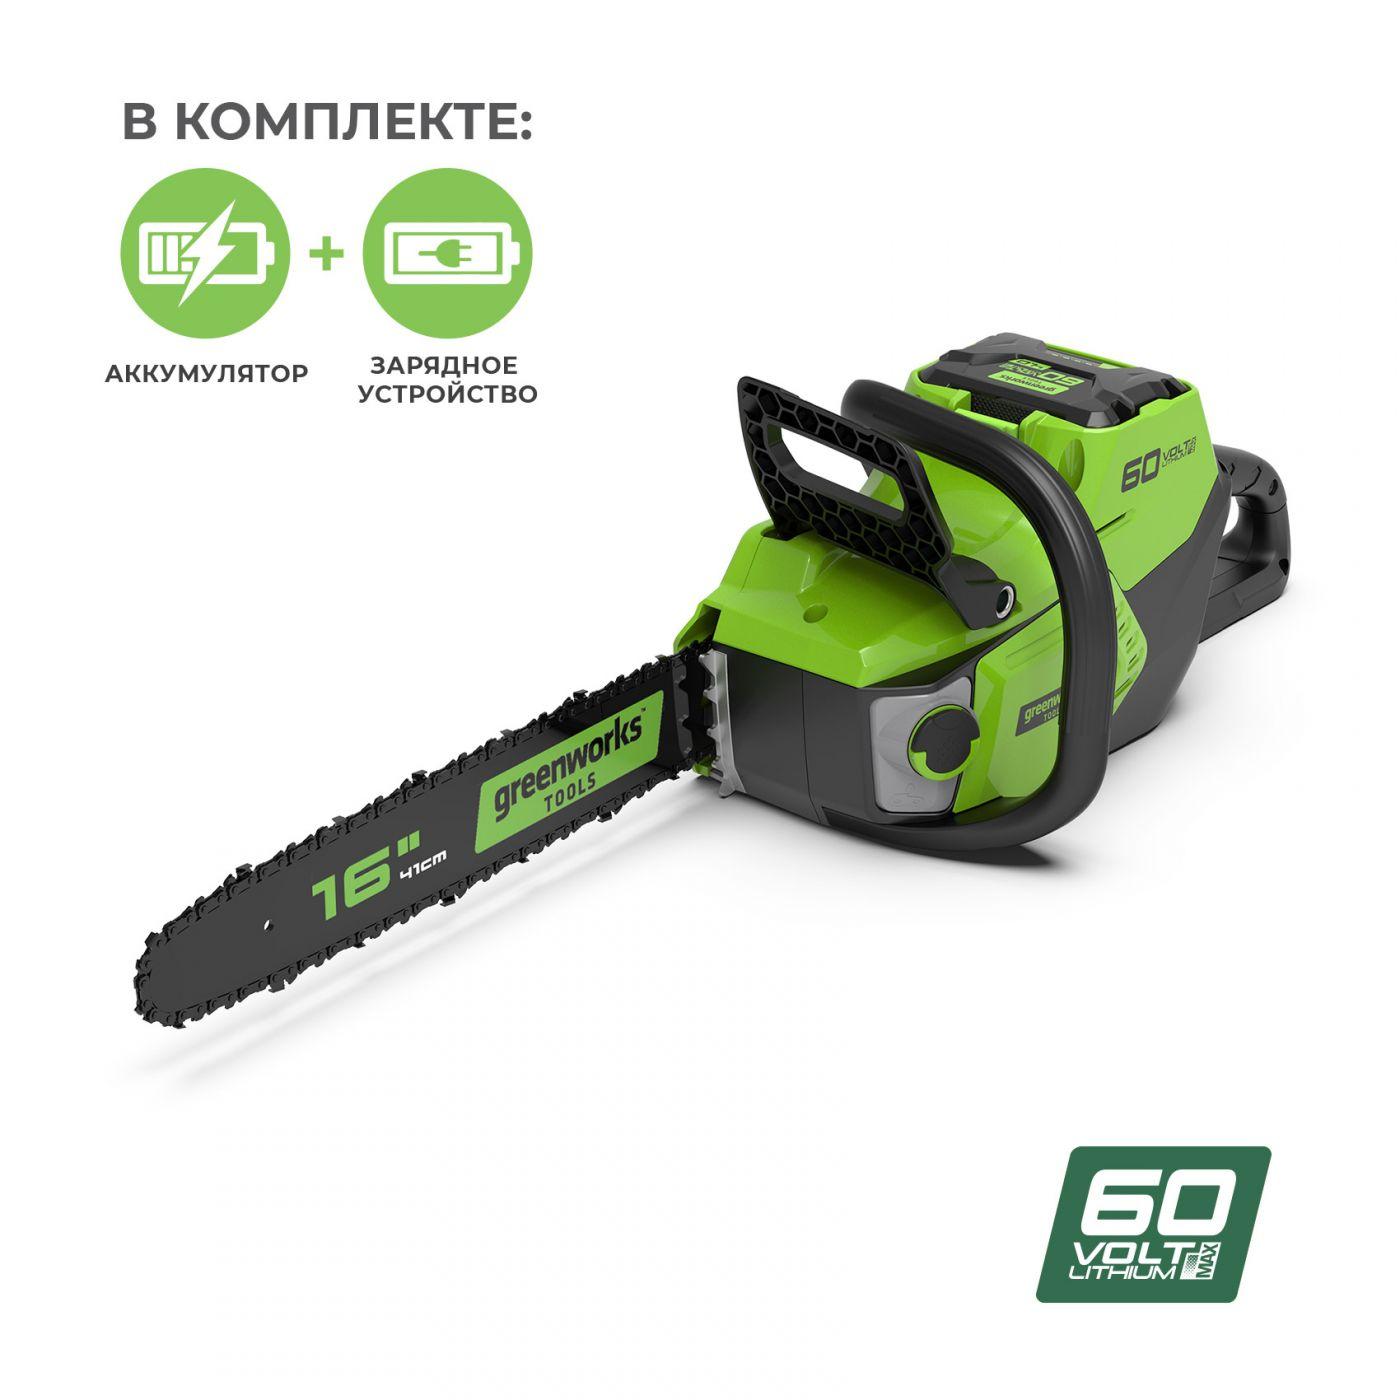 Пила цепная аккумуляторная Greenworks 60V (40 см) GD60CS40 с 2 А.ч. АКБ и ЗУ (2001807UA)